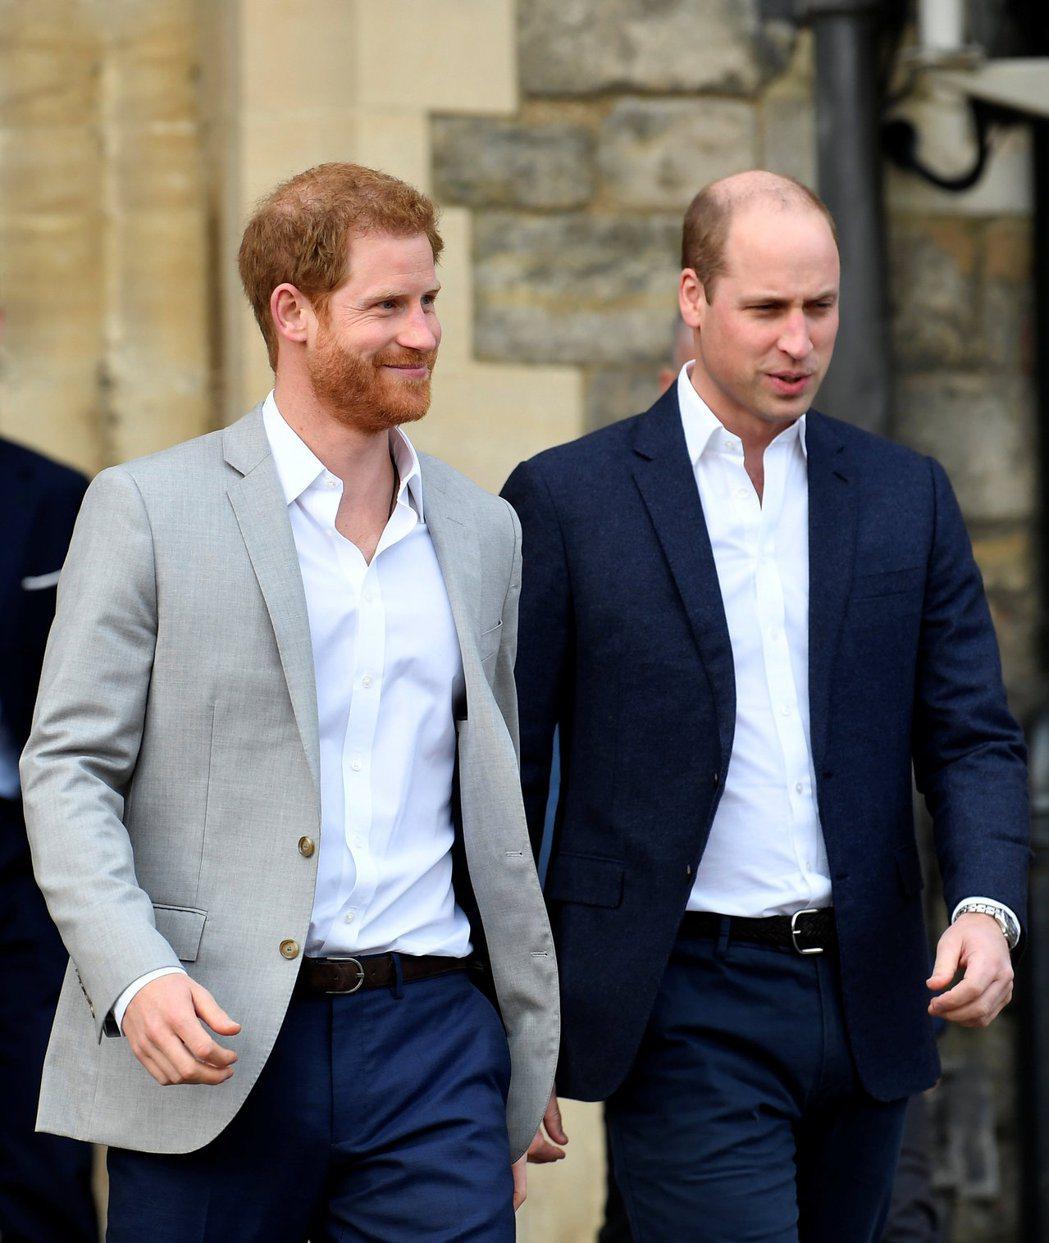 哈利(左)與威廉之間的手足關係,早在很久前就很扭曲。圖/路透資料照片